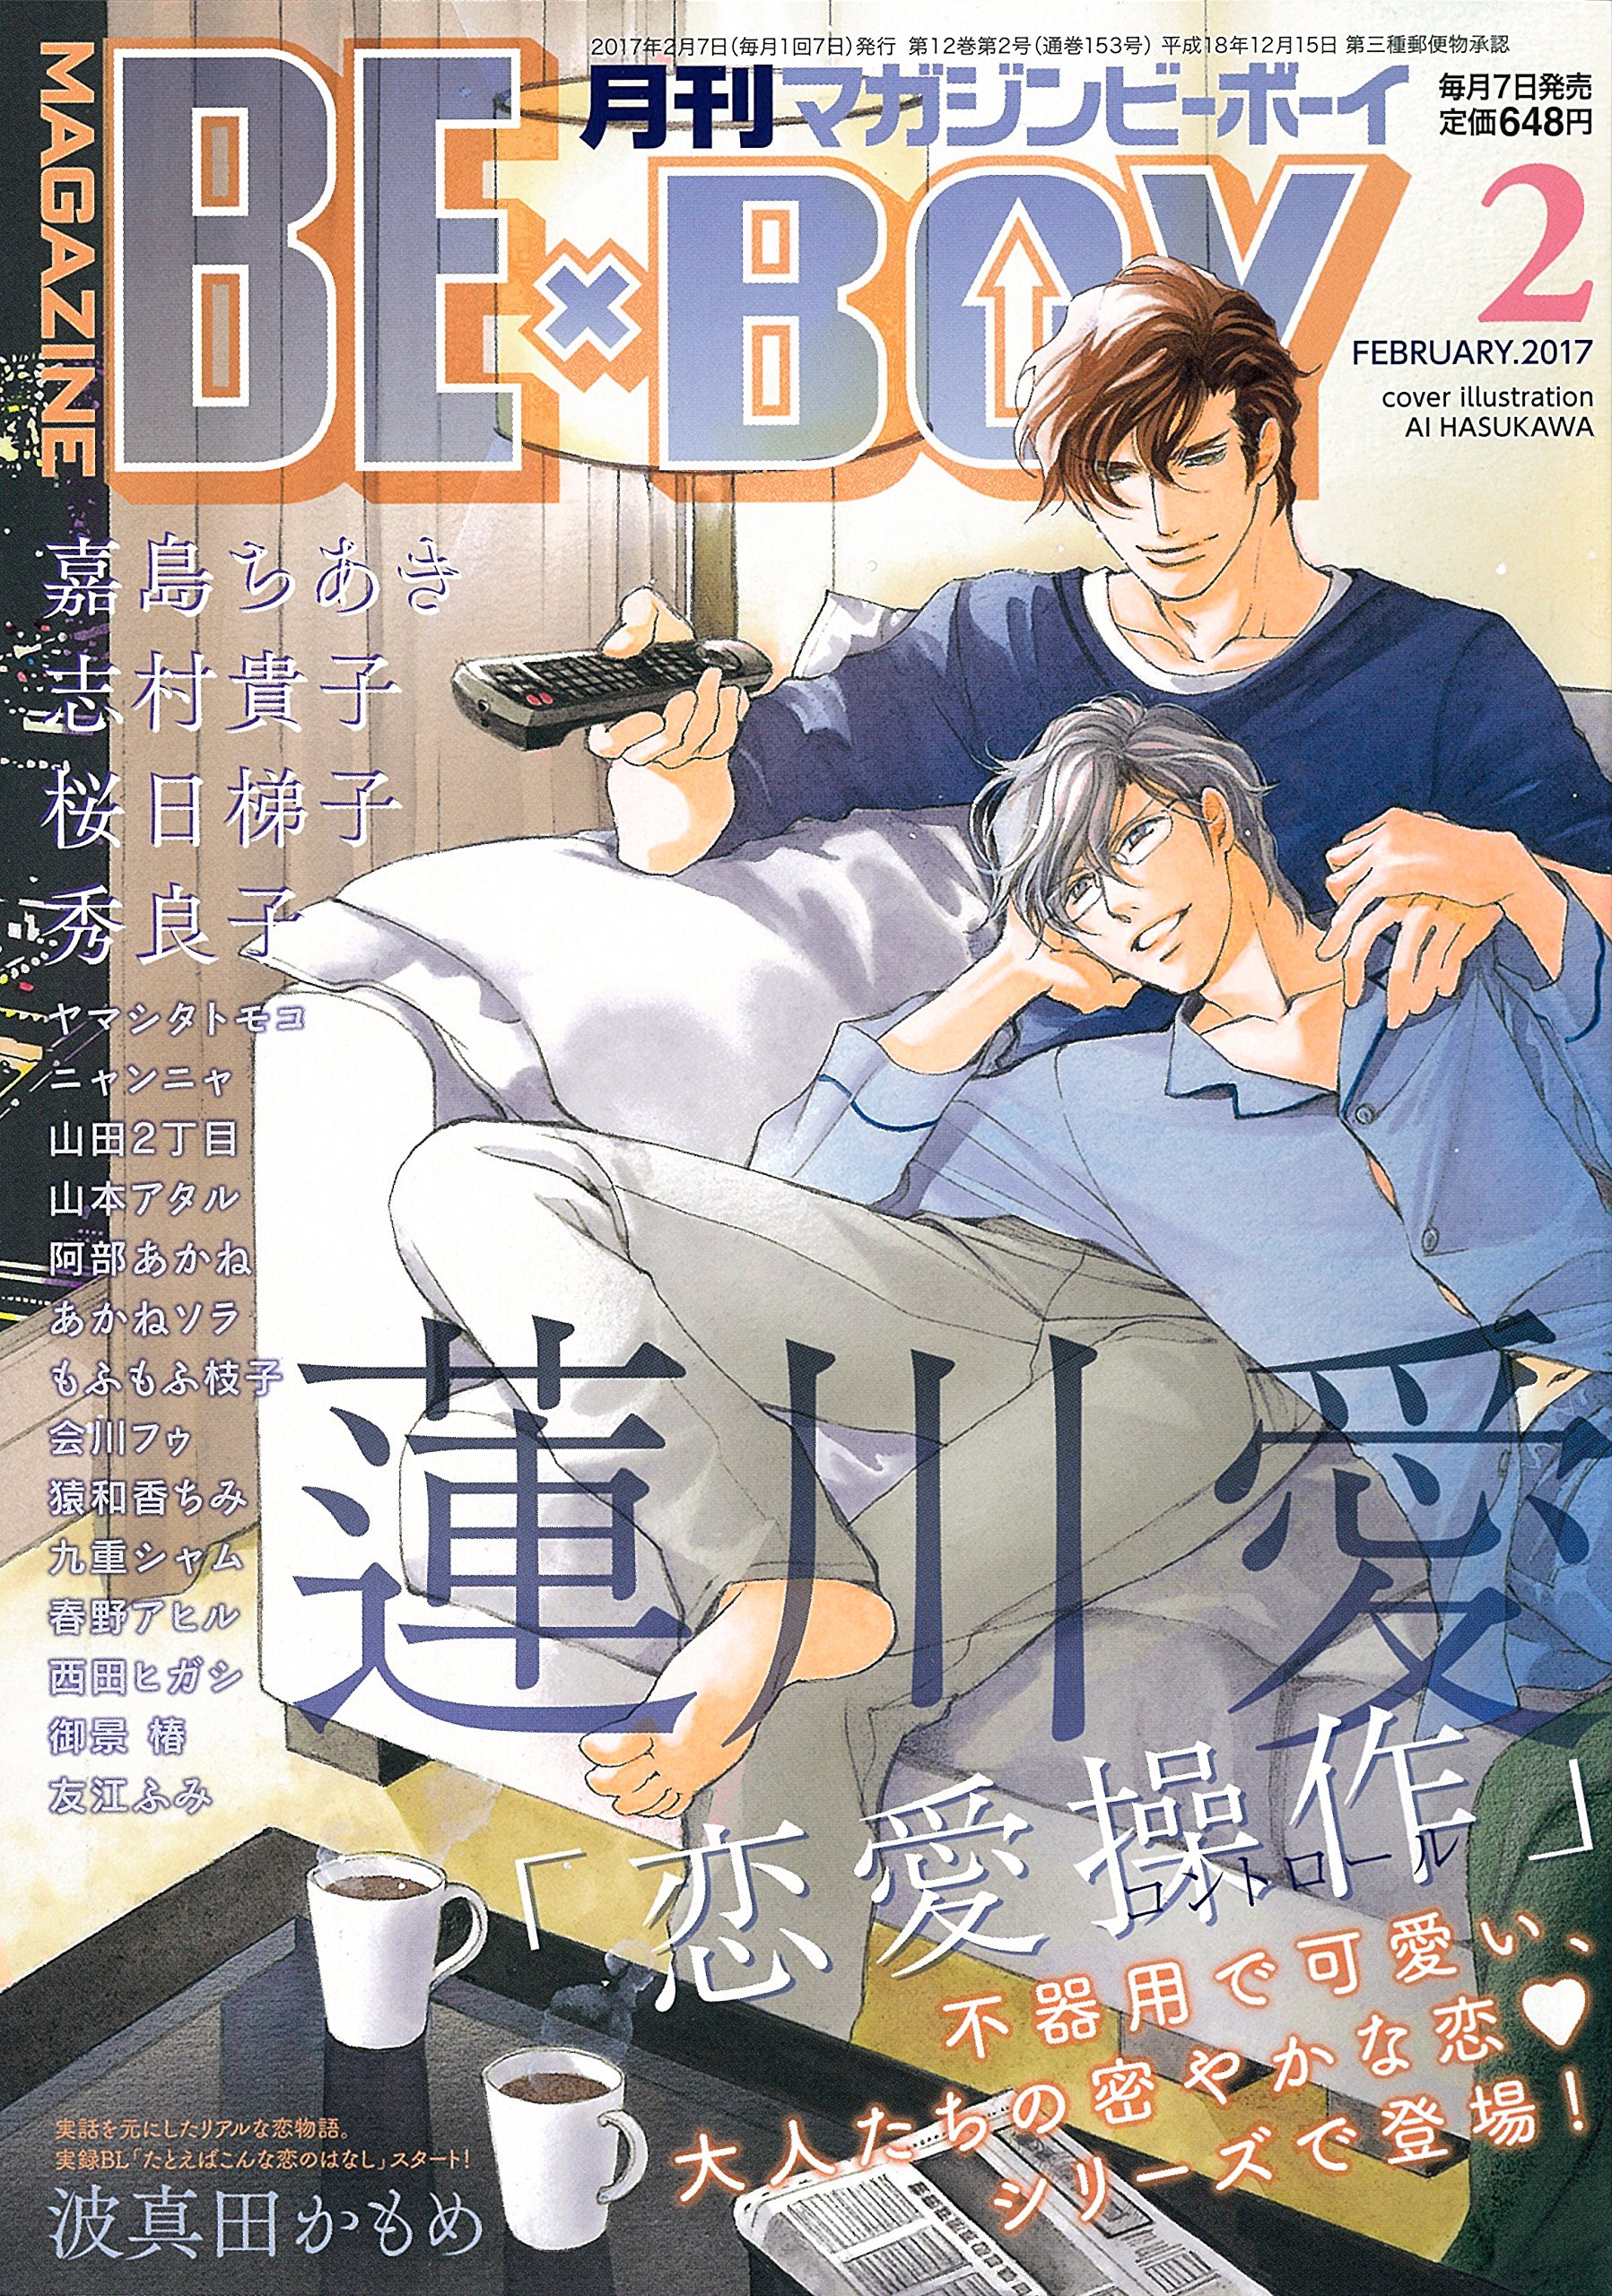 MAGAZINE BE×BOY ~ Japanese Comic (Manga) Magazine FEBRUARY 2017 Issue [JAPANESE EDITION] Tracked & Insured Shipping FEB 2 pdf